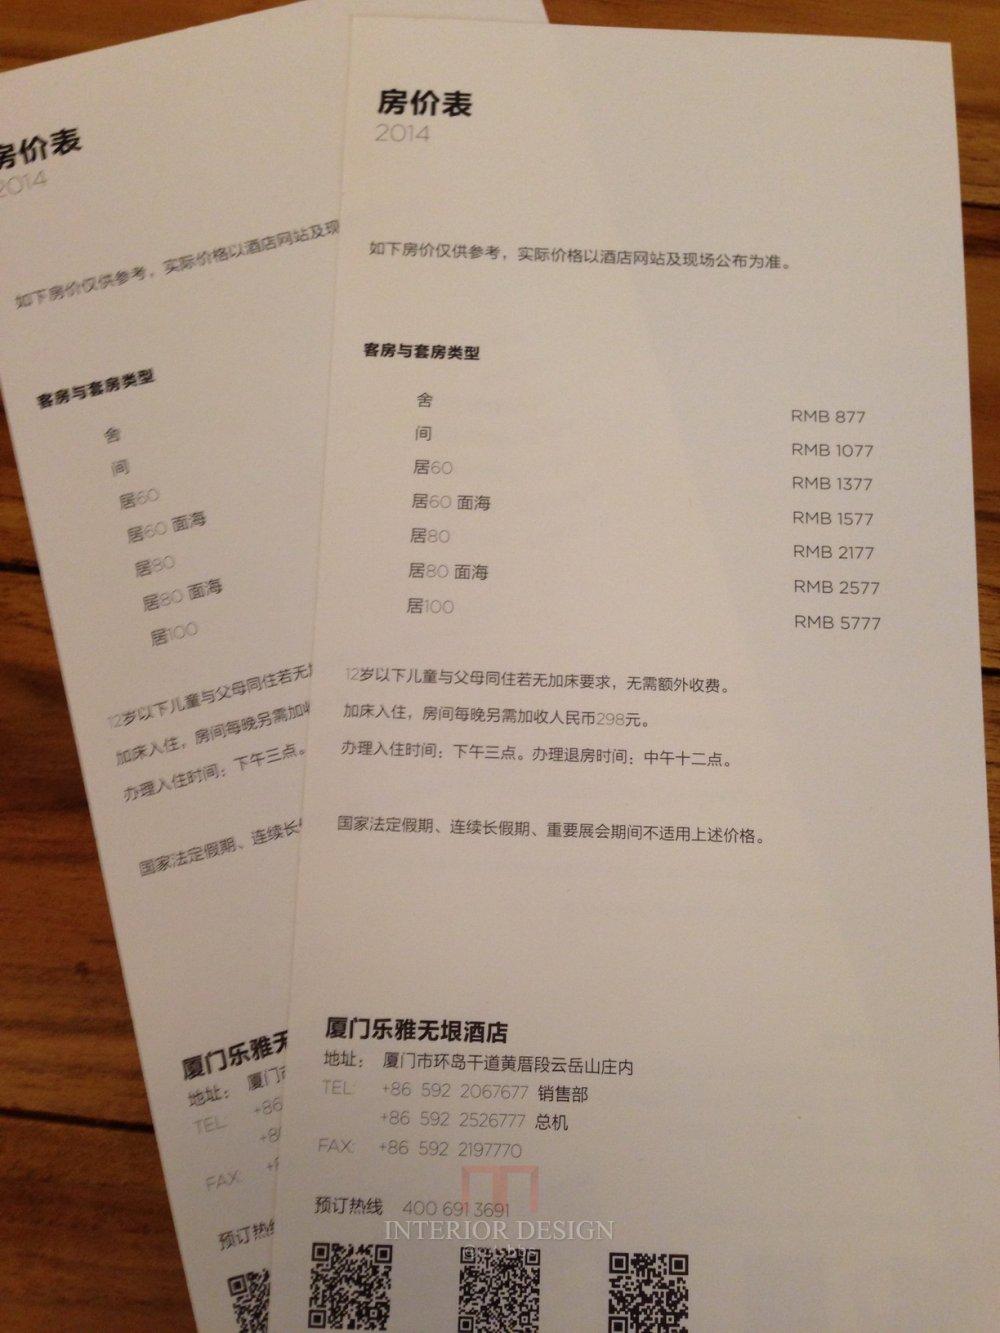 厦门乐雅无垠酒店Hotel Wind自拍 分享_IMG_2643.JPG